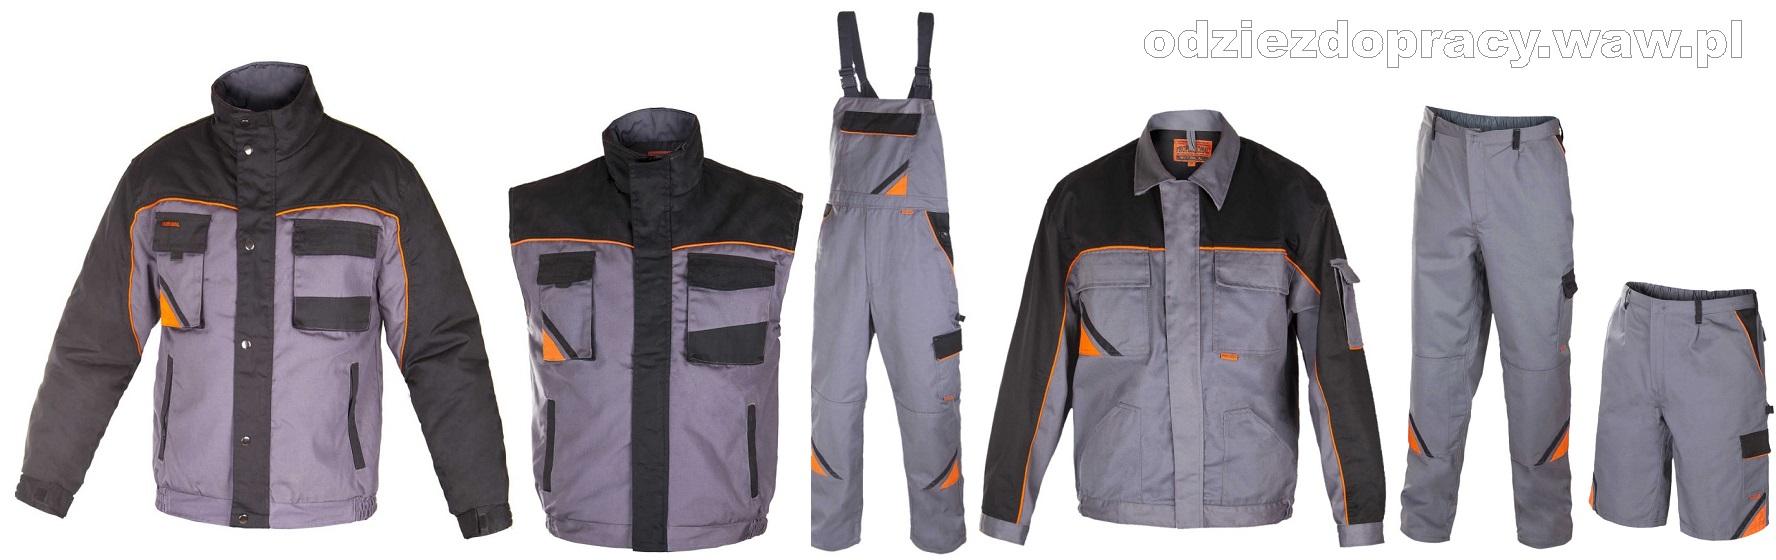 6eaac8f5ecd9f Kolekcja PROFESSIONAL uniwersalne ubrania robocze. Sklep z odzieżą roboczą  i artykułami BHP ATBS Odzież do pracy ...